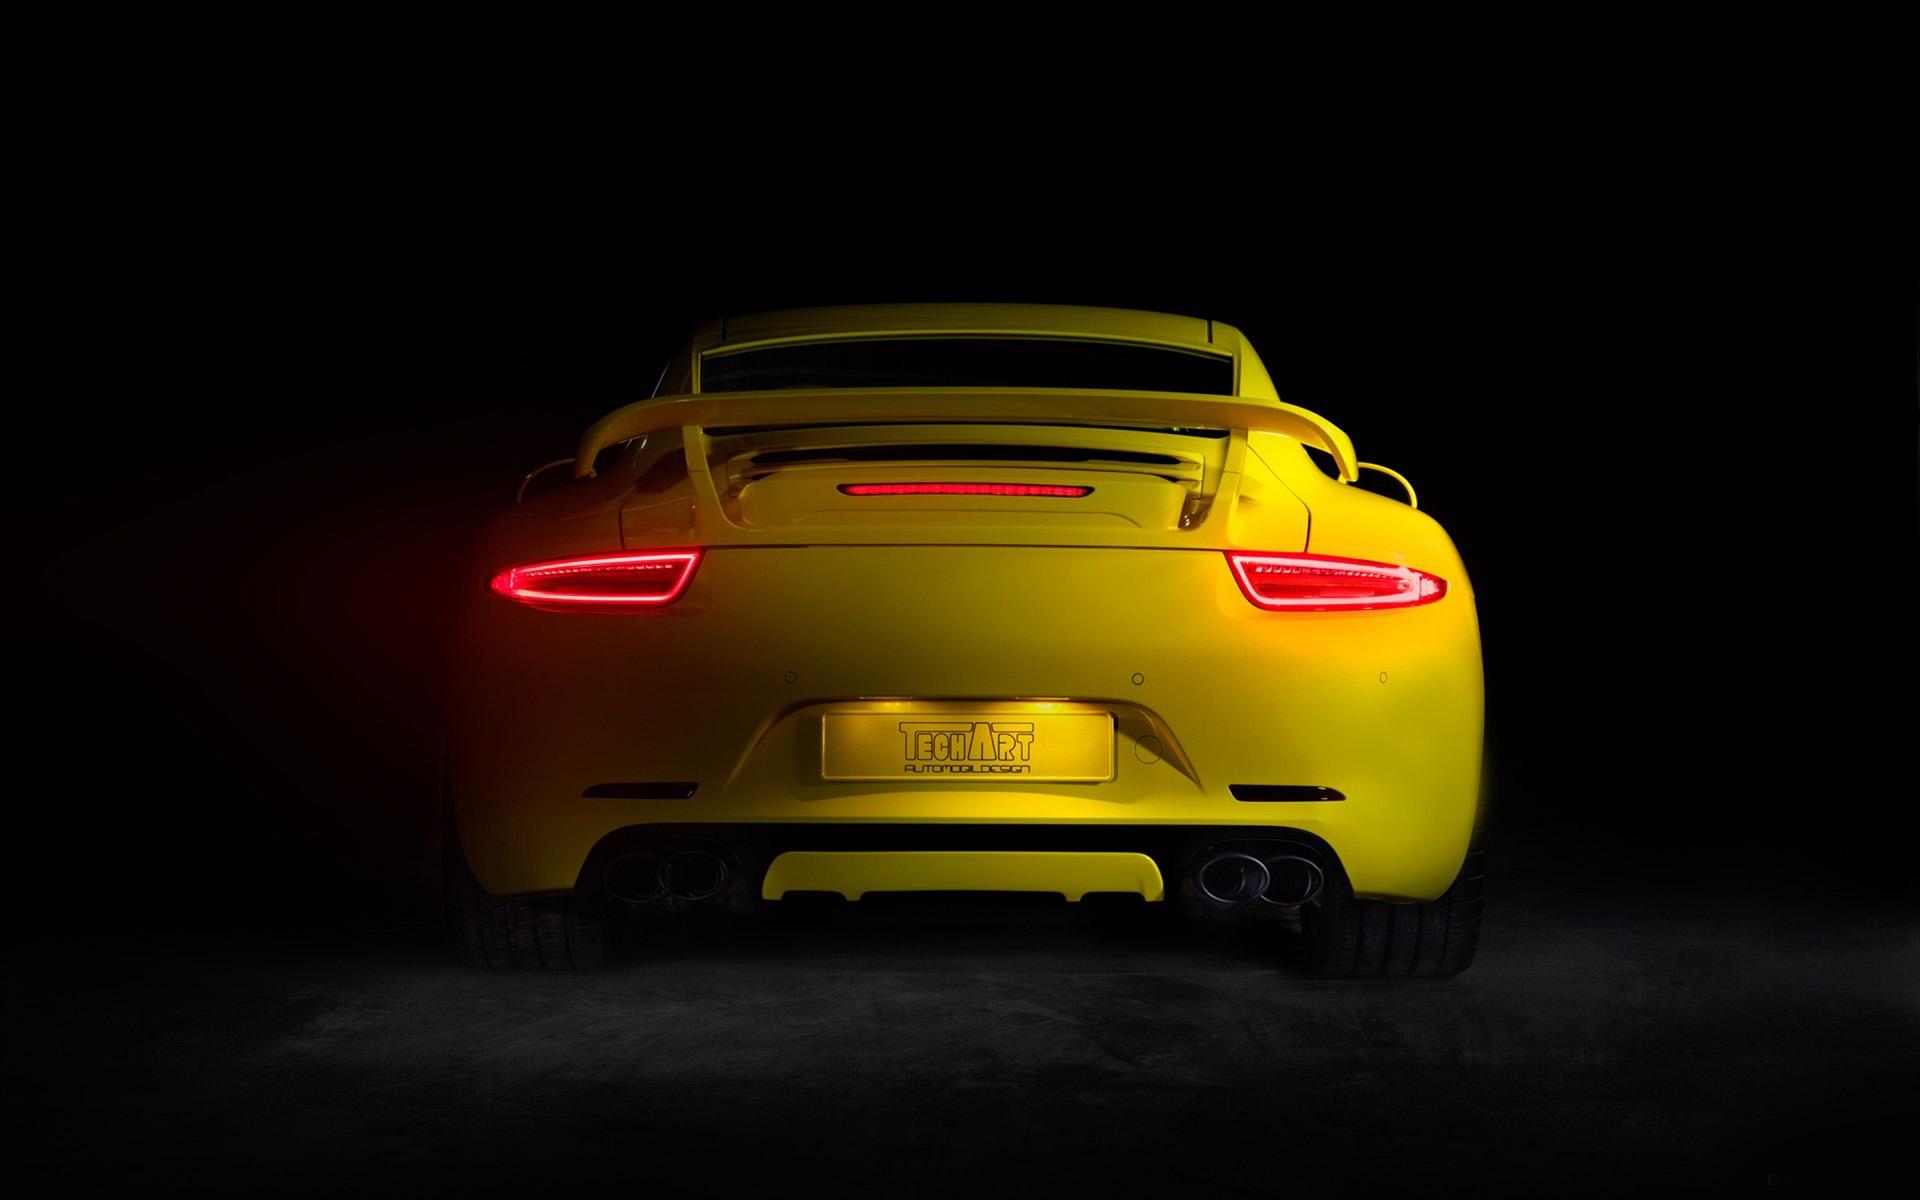 download Techart Porsche Light Up Hd Wallpaper